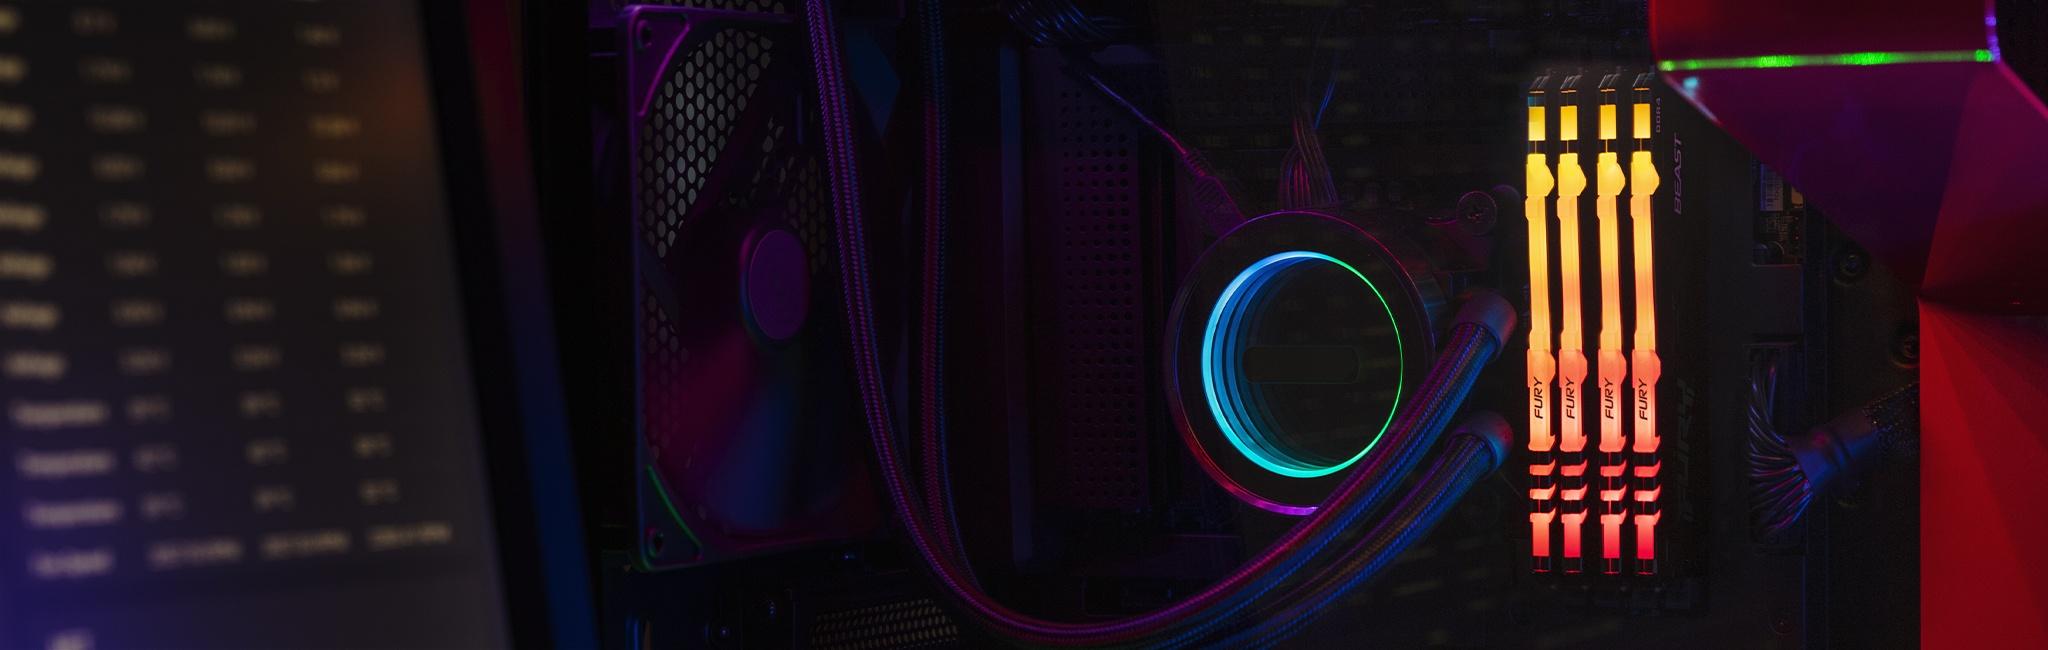 Kingston FURY Beast RGB với quạt làm mát CPU và các dây cắm vào bo mạch chủ, cùng một màn hình ở bên trái hiển thị các thông số kỹ thuật của máy tính